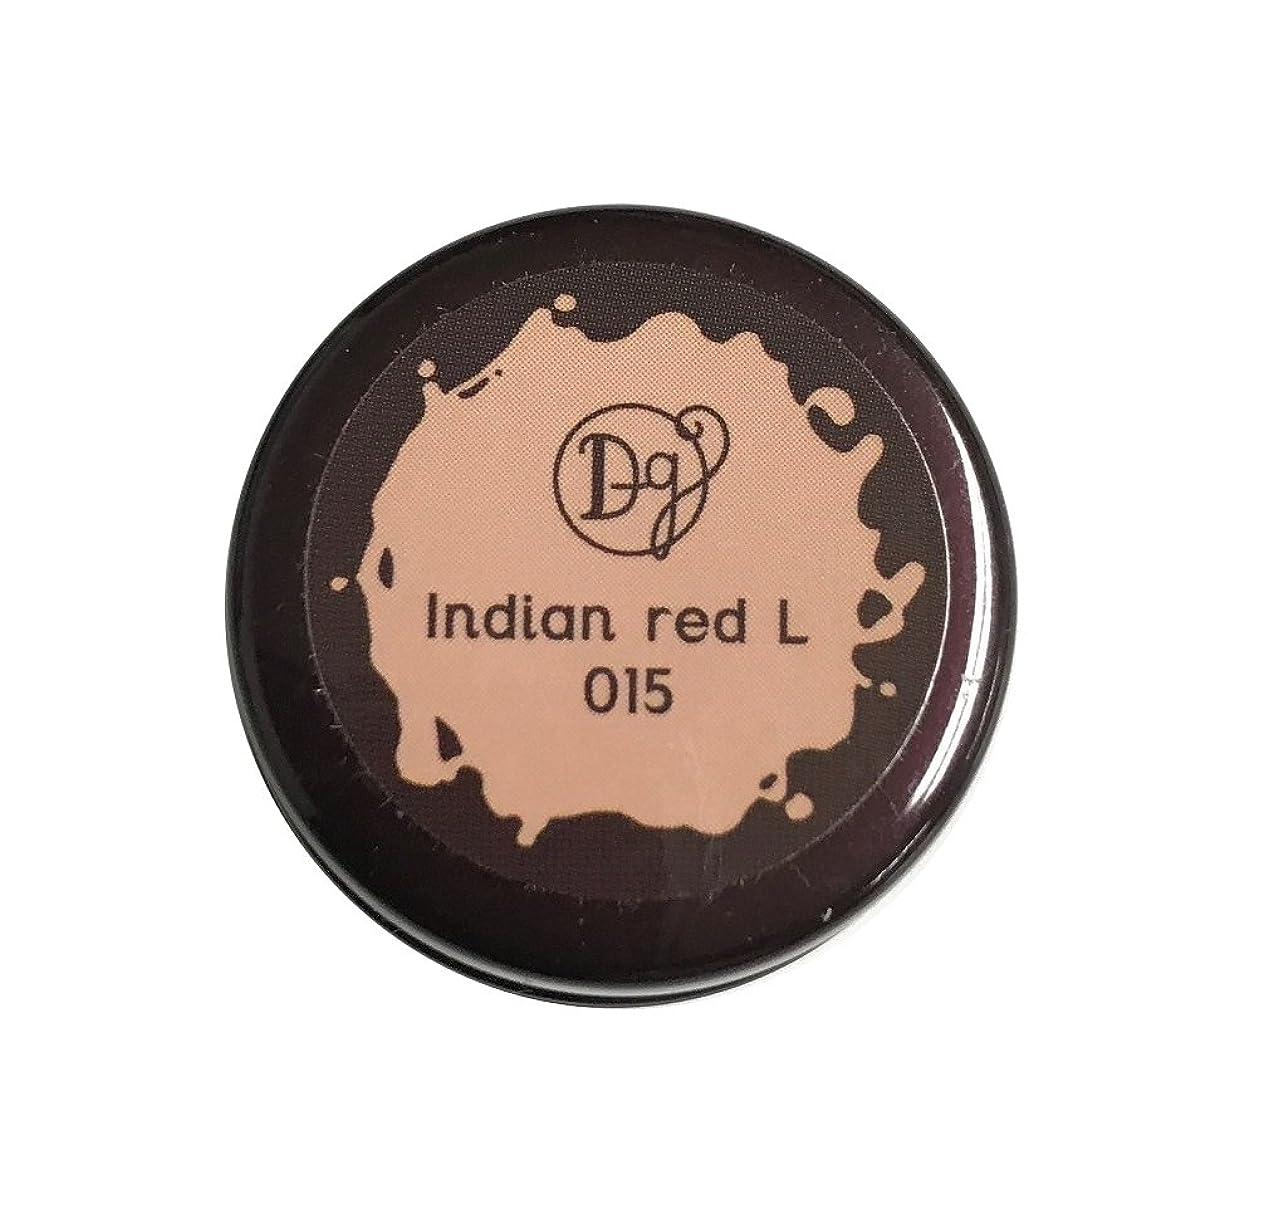 赤ちゃんキリスト教繊維デコラガール カラージェル 015 インディアンレッドライト 3g